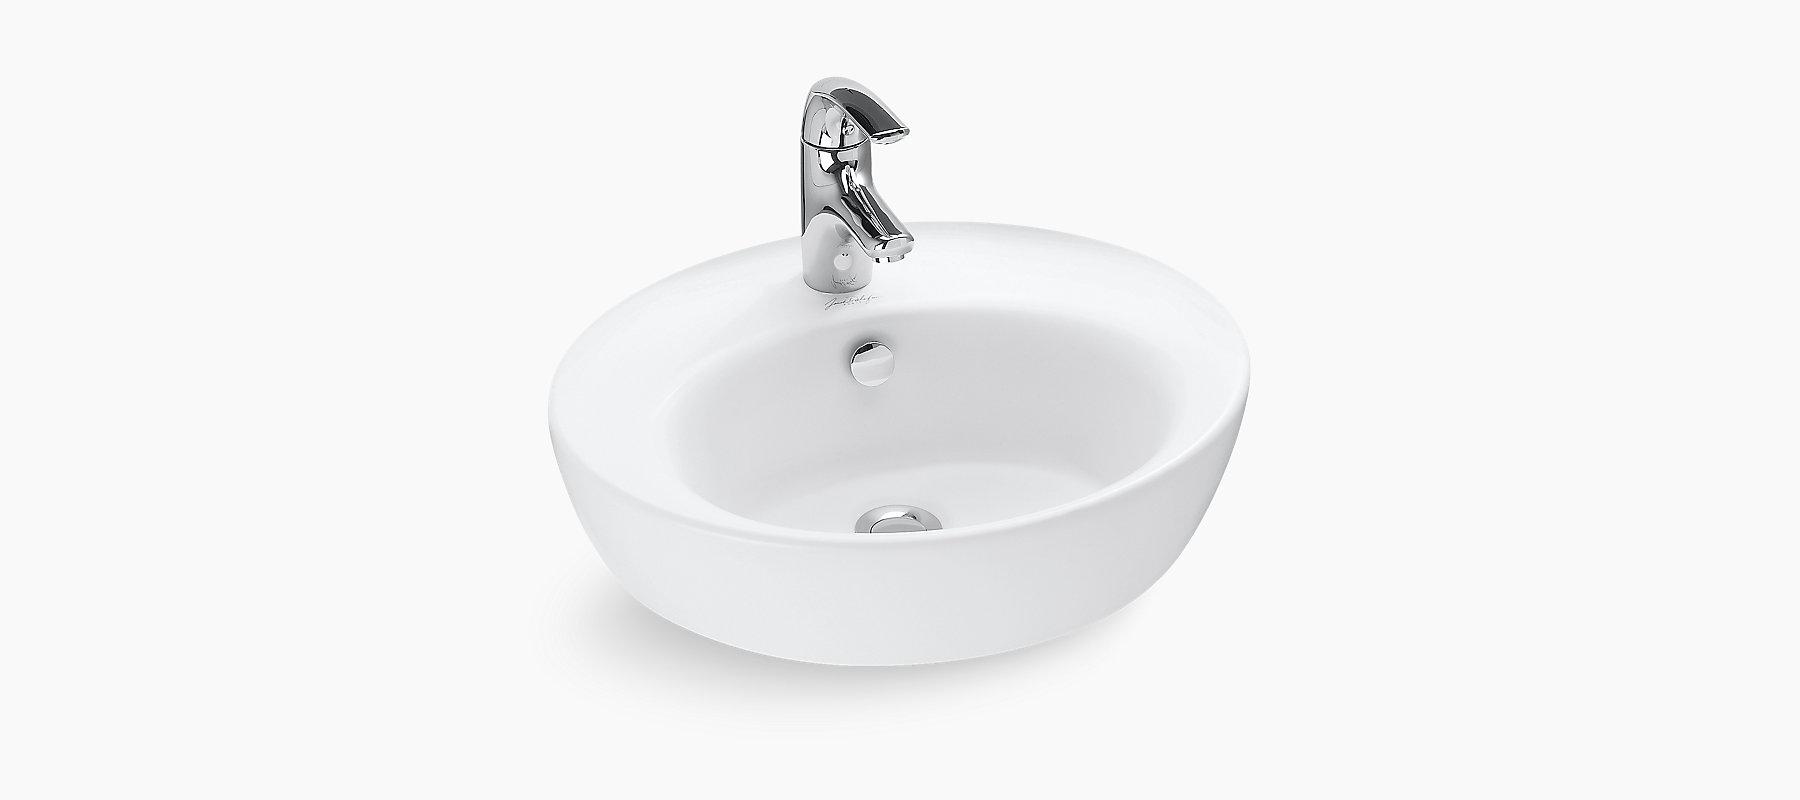 Kohler Bathroom Sinks And Toilets Kohler Revival Bathroom Faucet Kohler Bathroom Fixtures